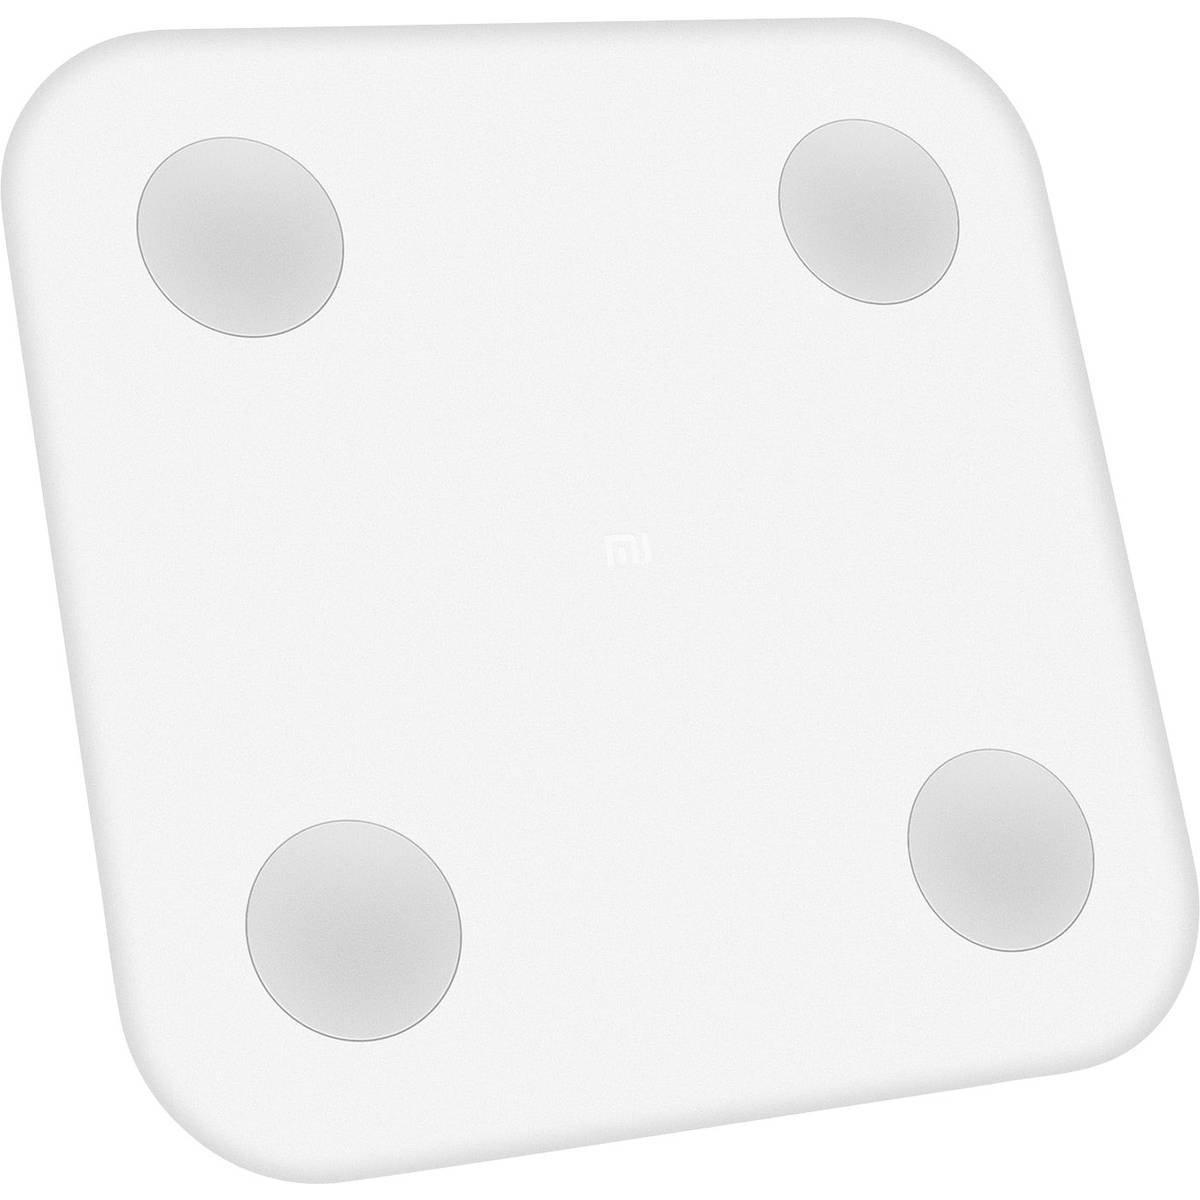 Xiaomi Mi Body Composition Scale 15828